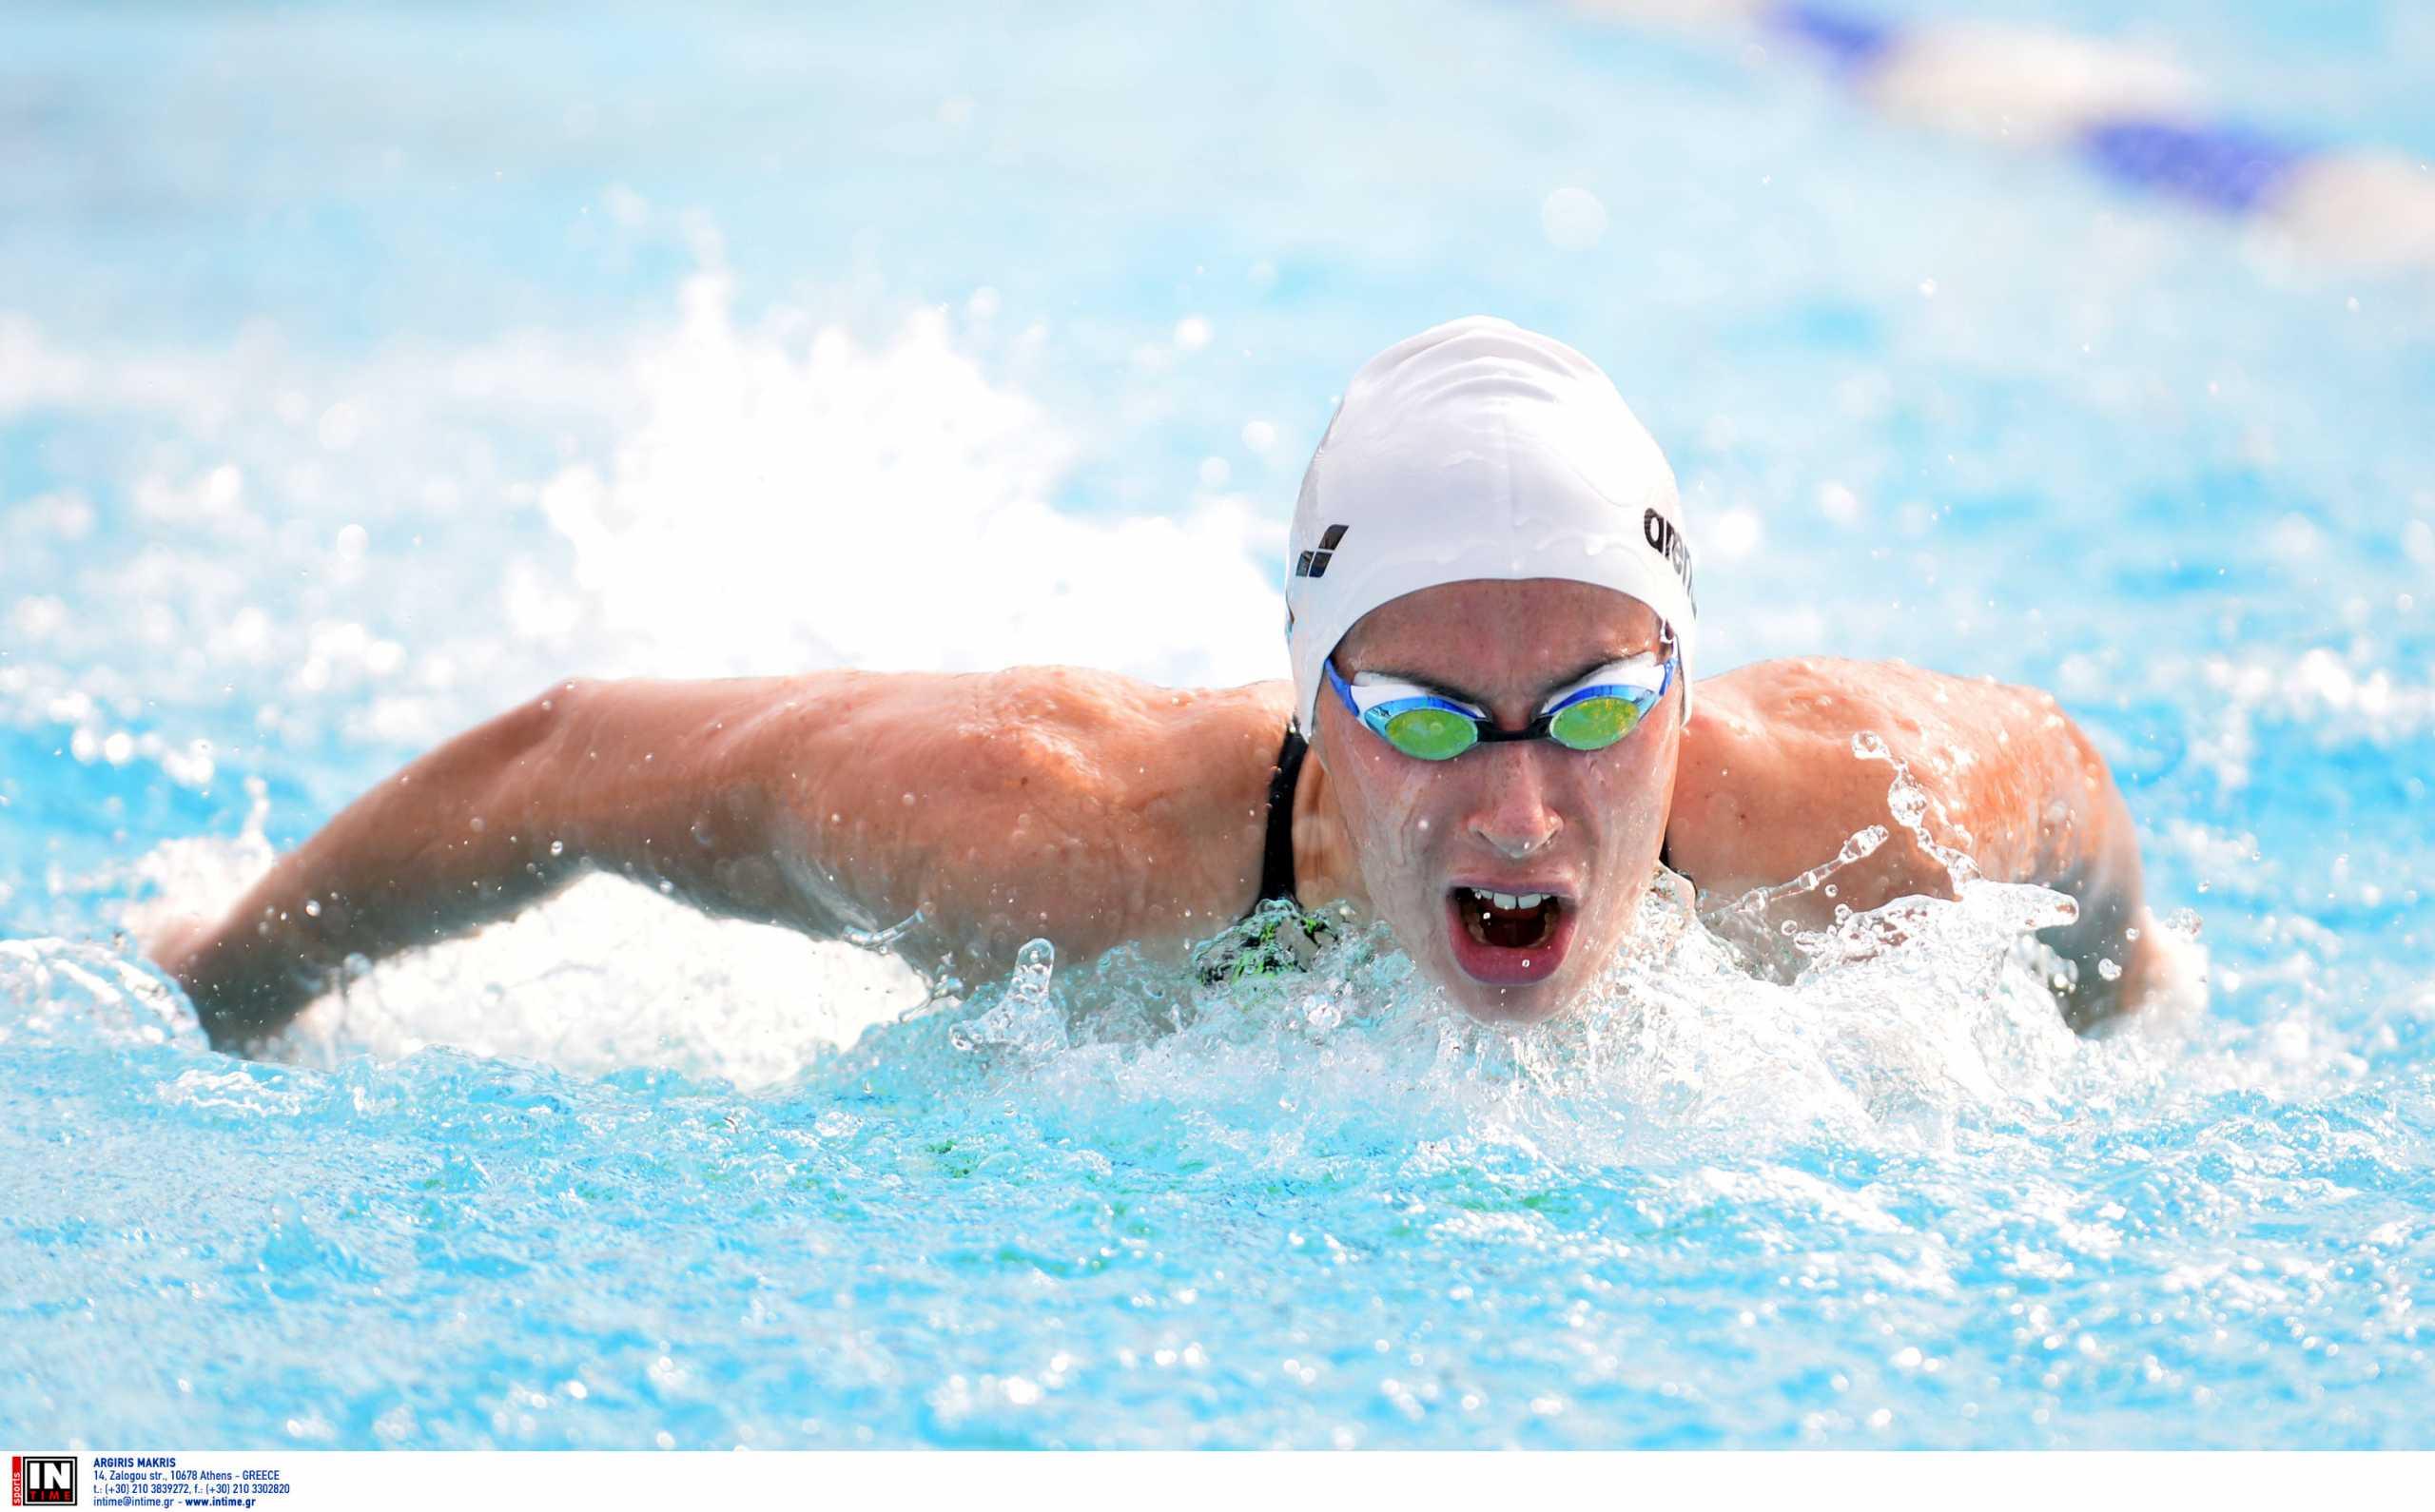 Ολυμπιακοί Αγώνες: Συγκλόνισε η Ντουντουνάκη και ξέσπασε σε κλάματα